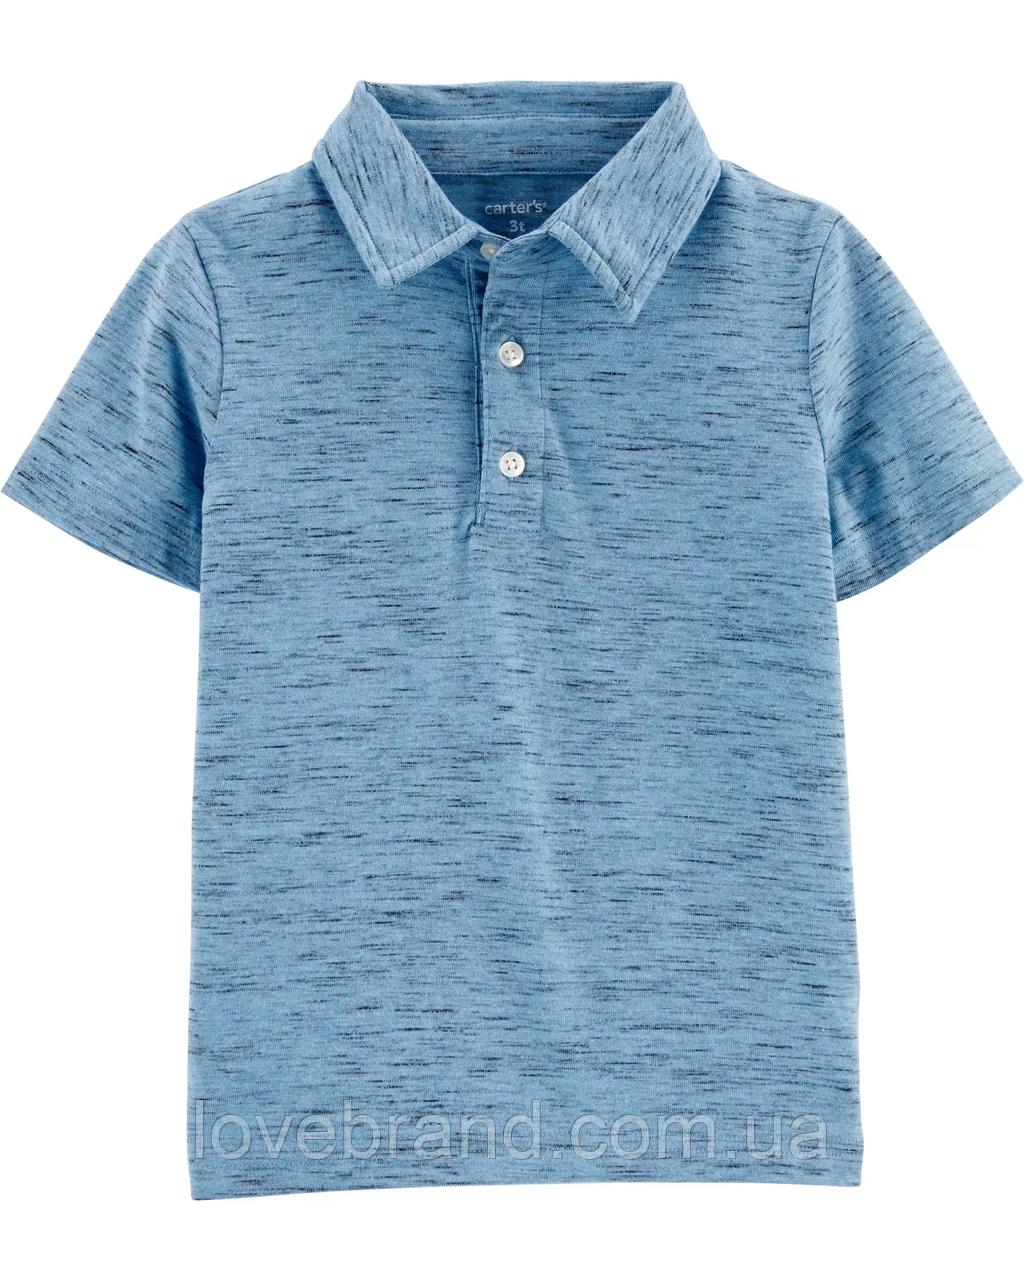 Фирменная футболка поло для мальчика голубая Carter's 4Т/98-105 см